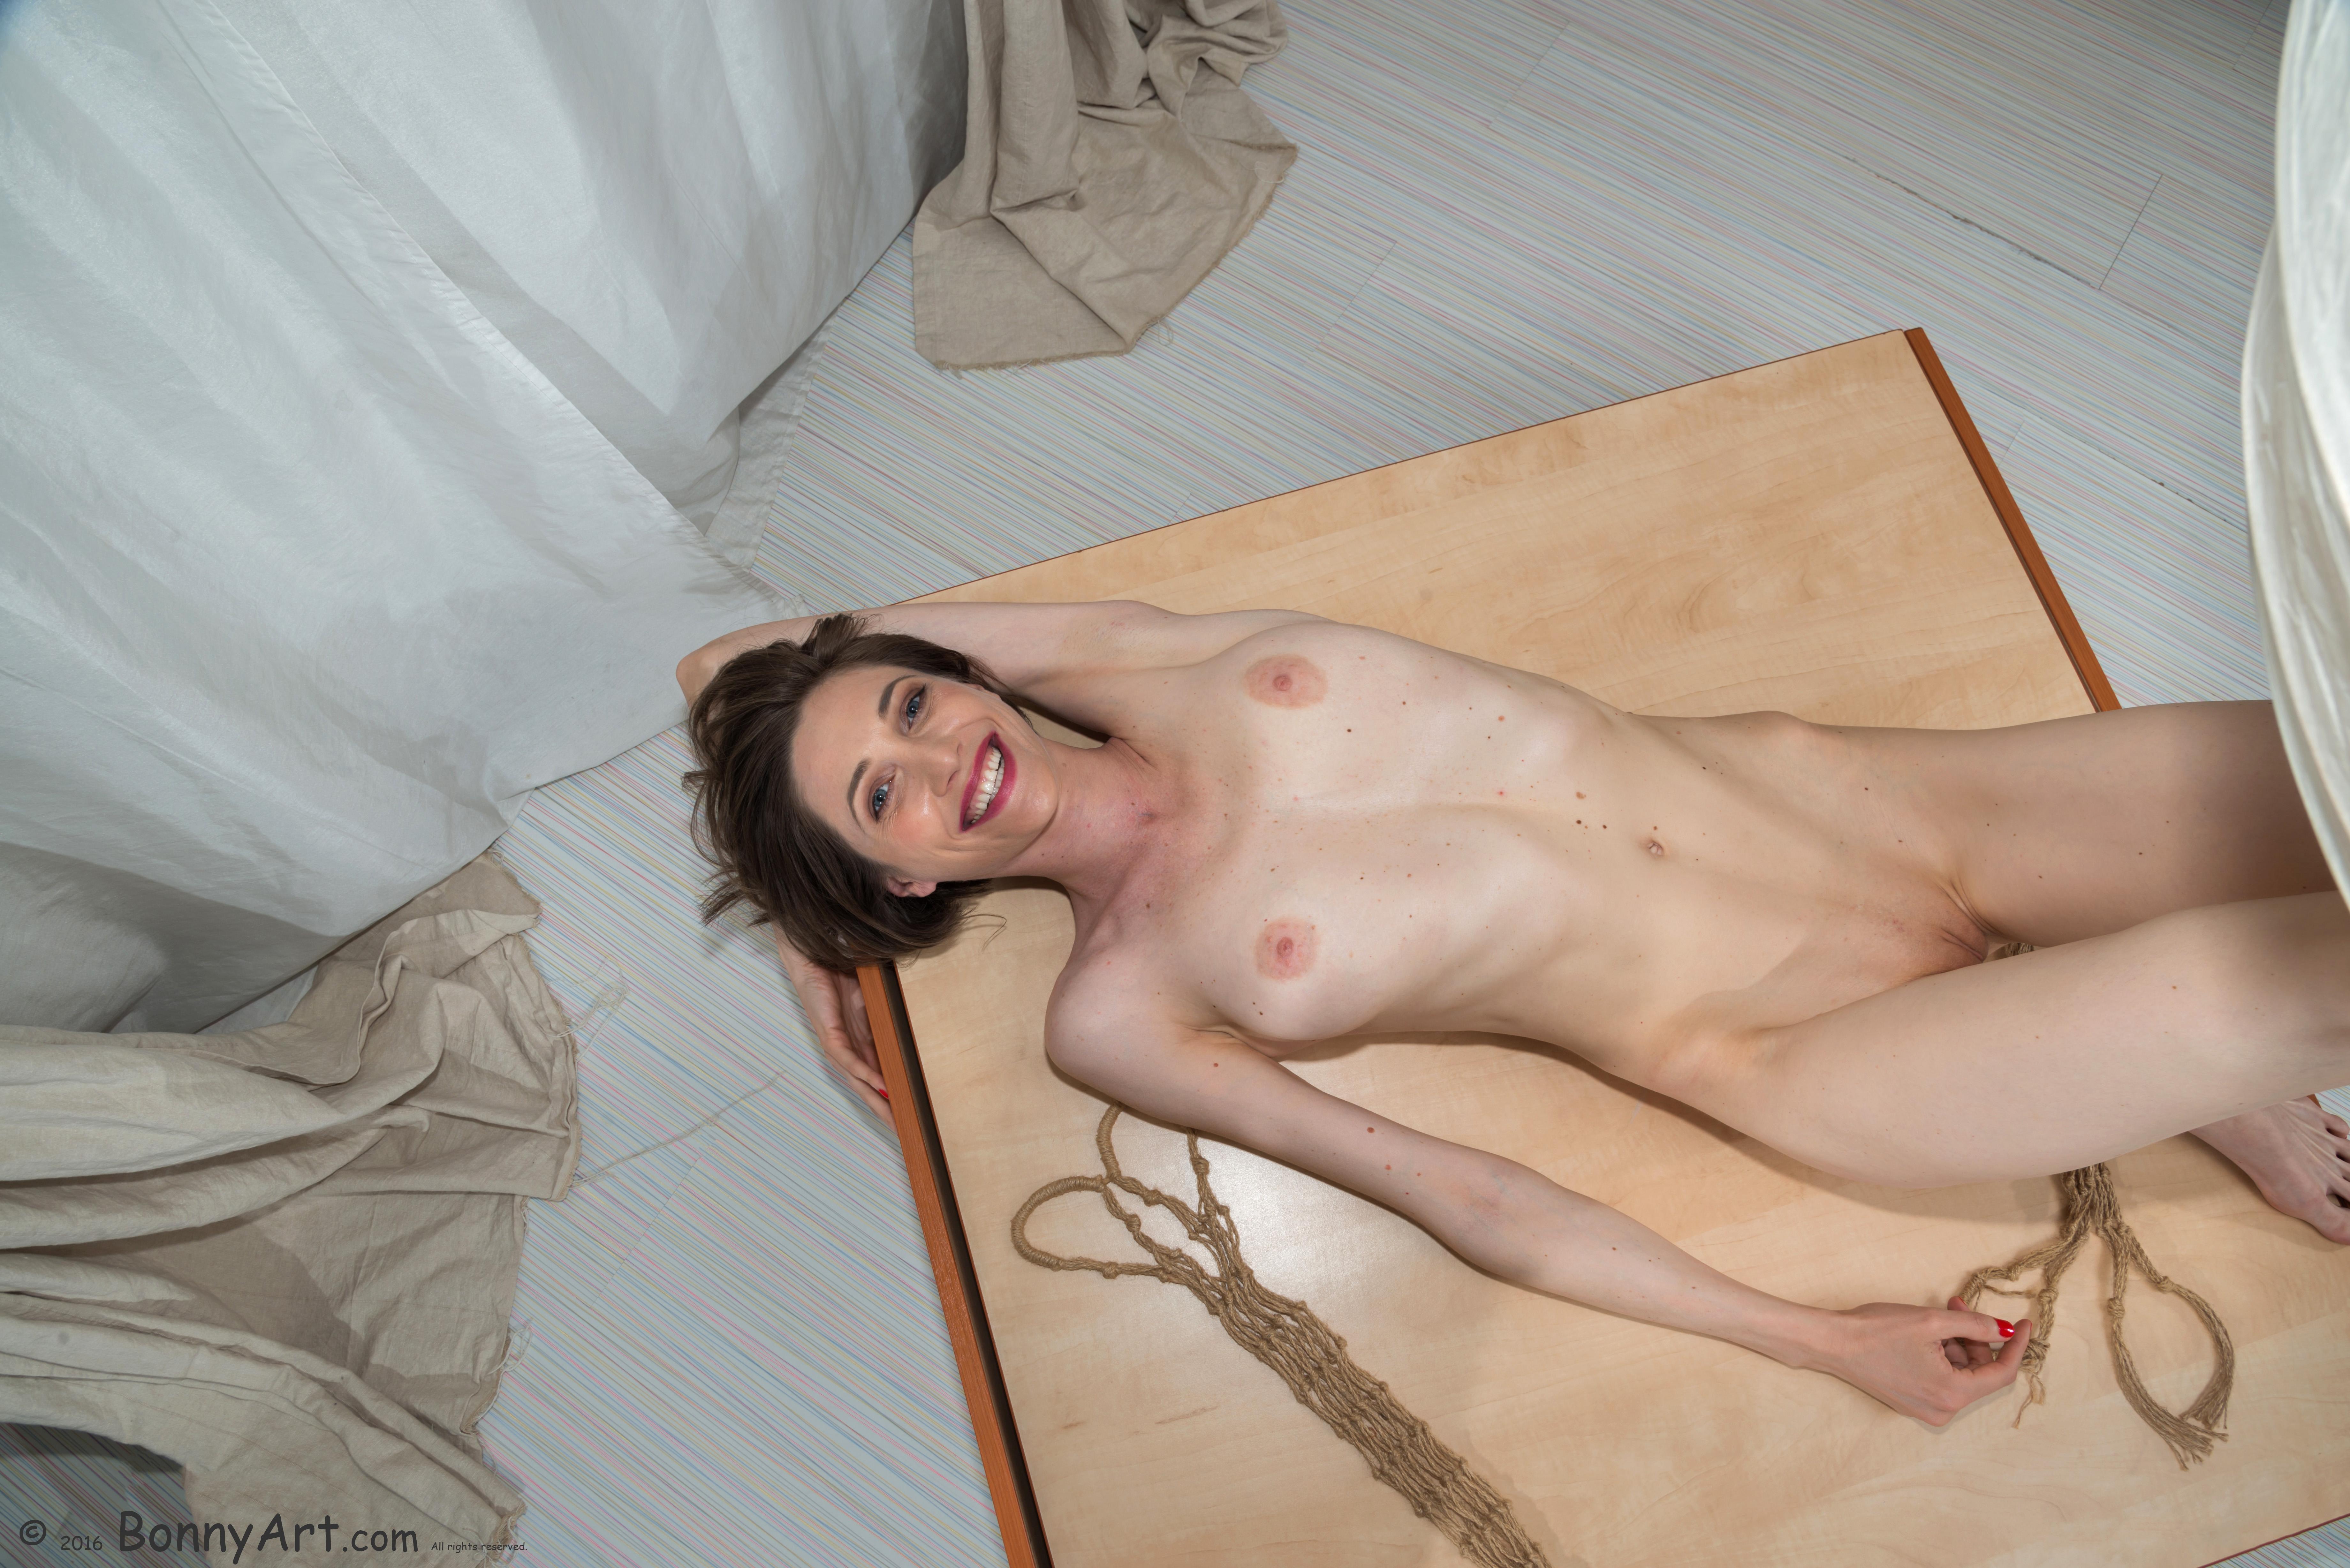 Most excellent big boob